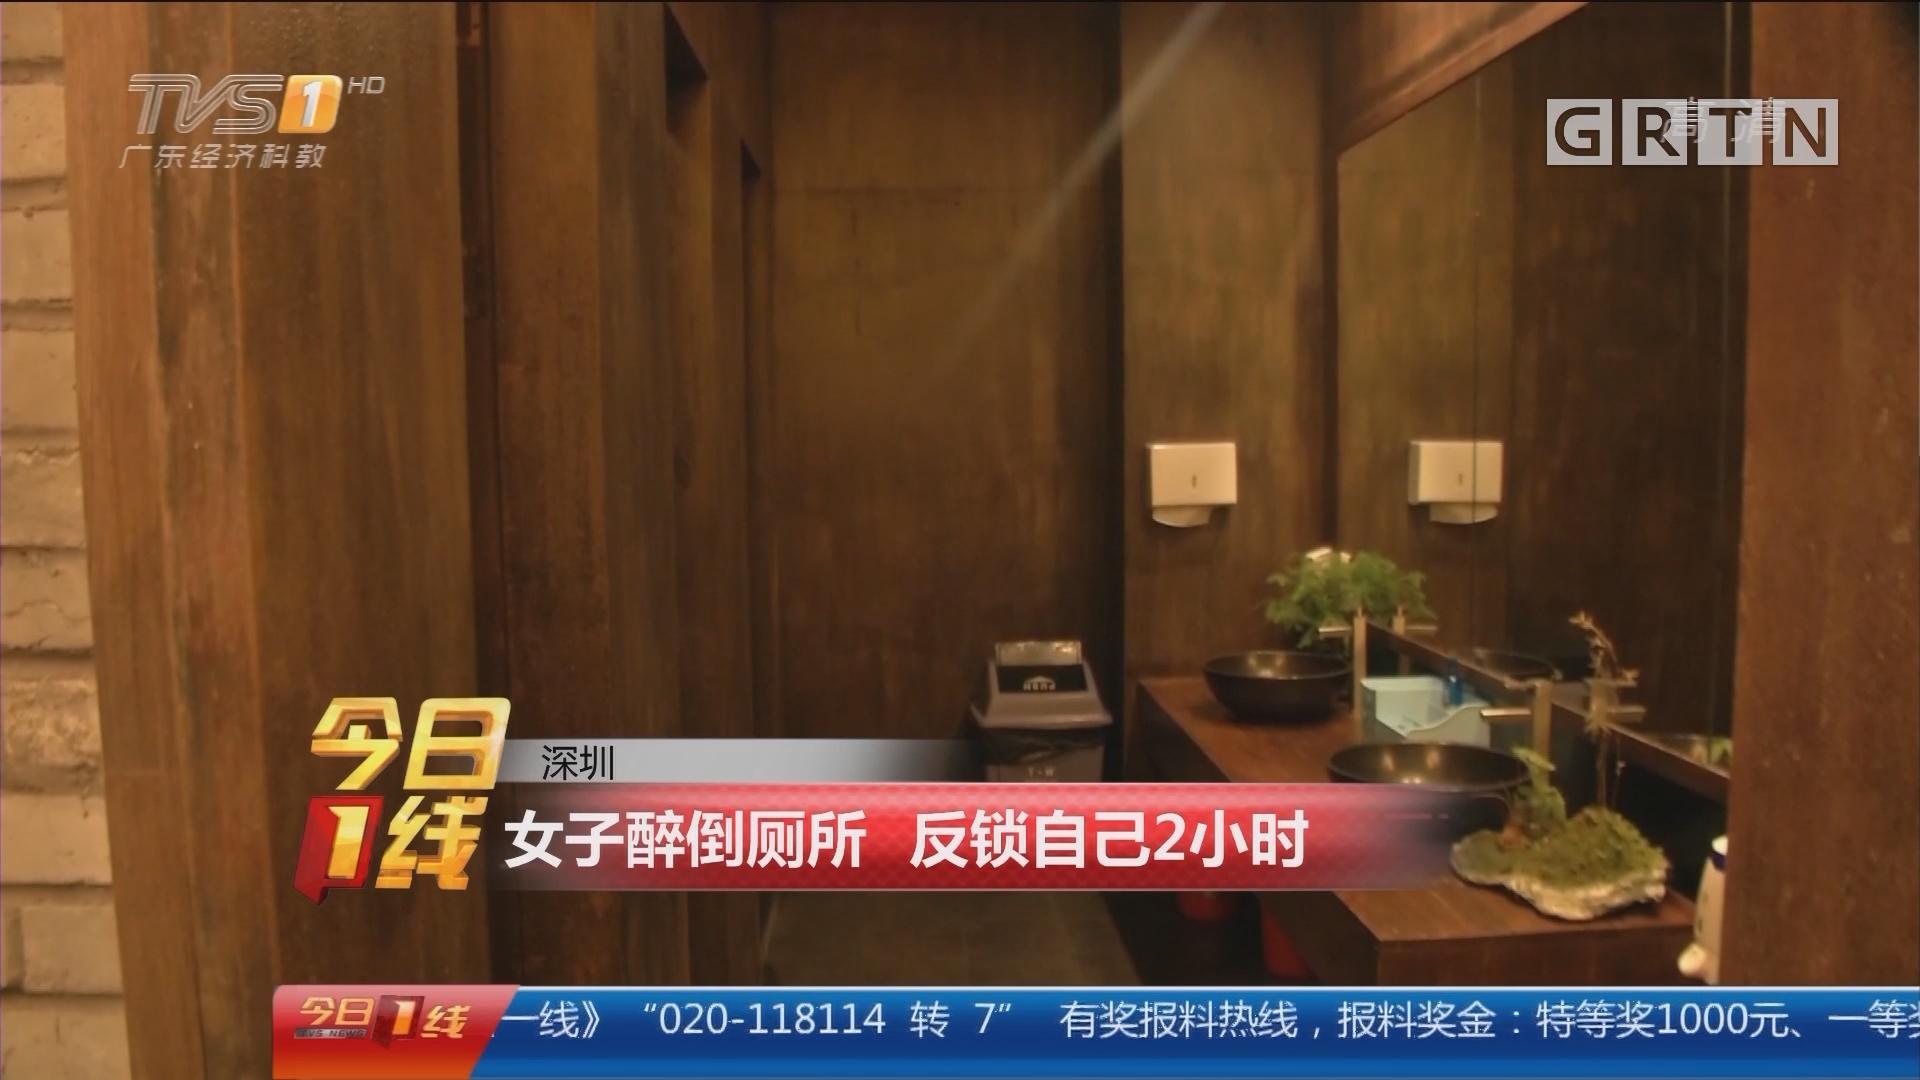 深圳:女子醉倒厕所 反锁自己2小时